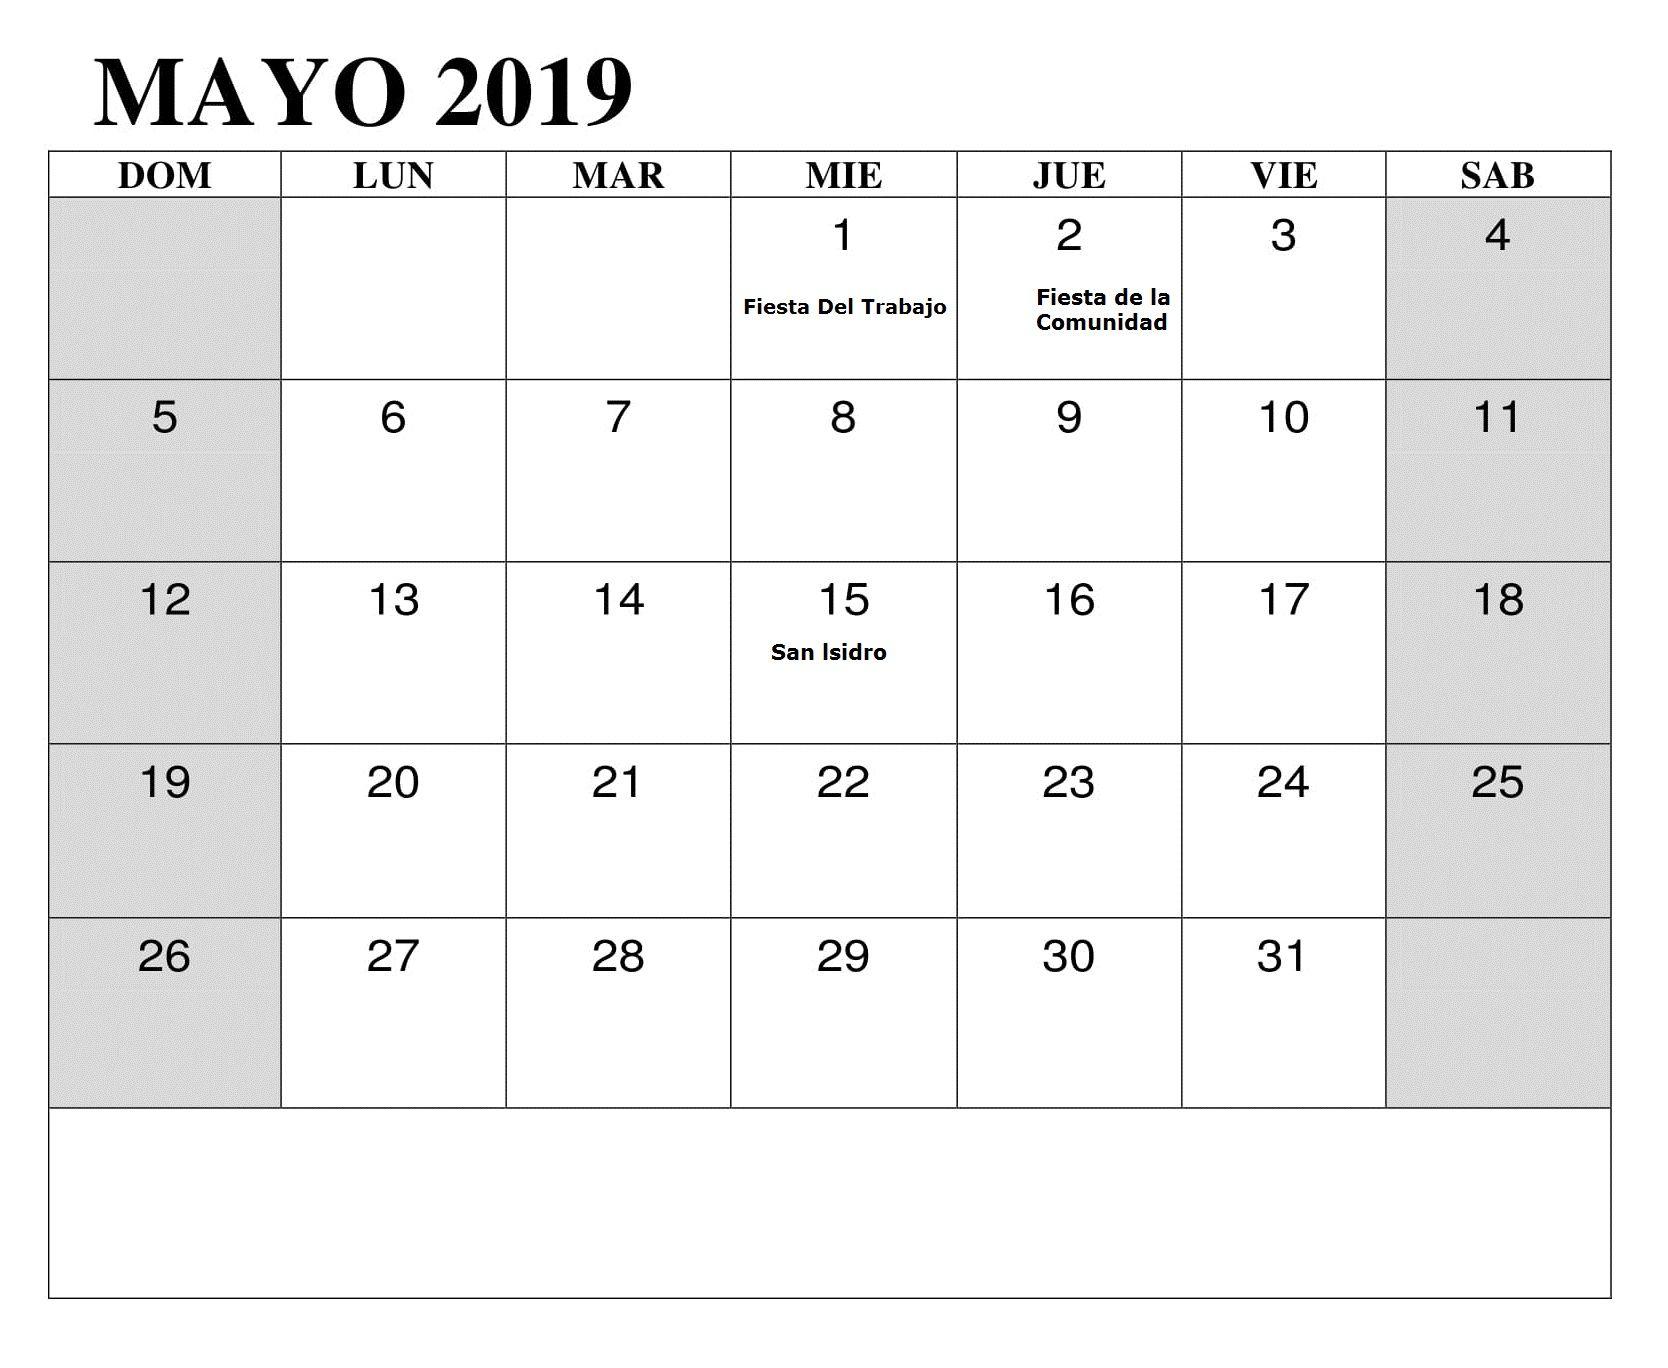 Calendario Mayo2019.Mayo 2019 Con Festivos Calendario Lista De Tareas Calendario Mayo